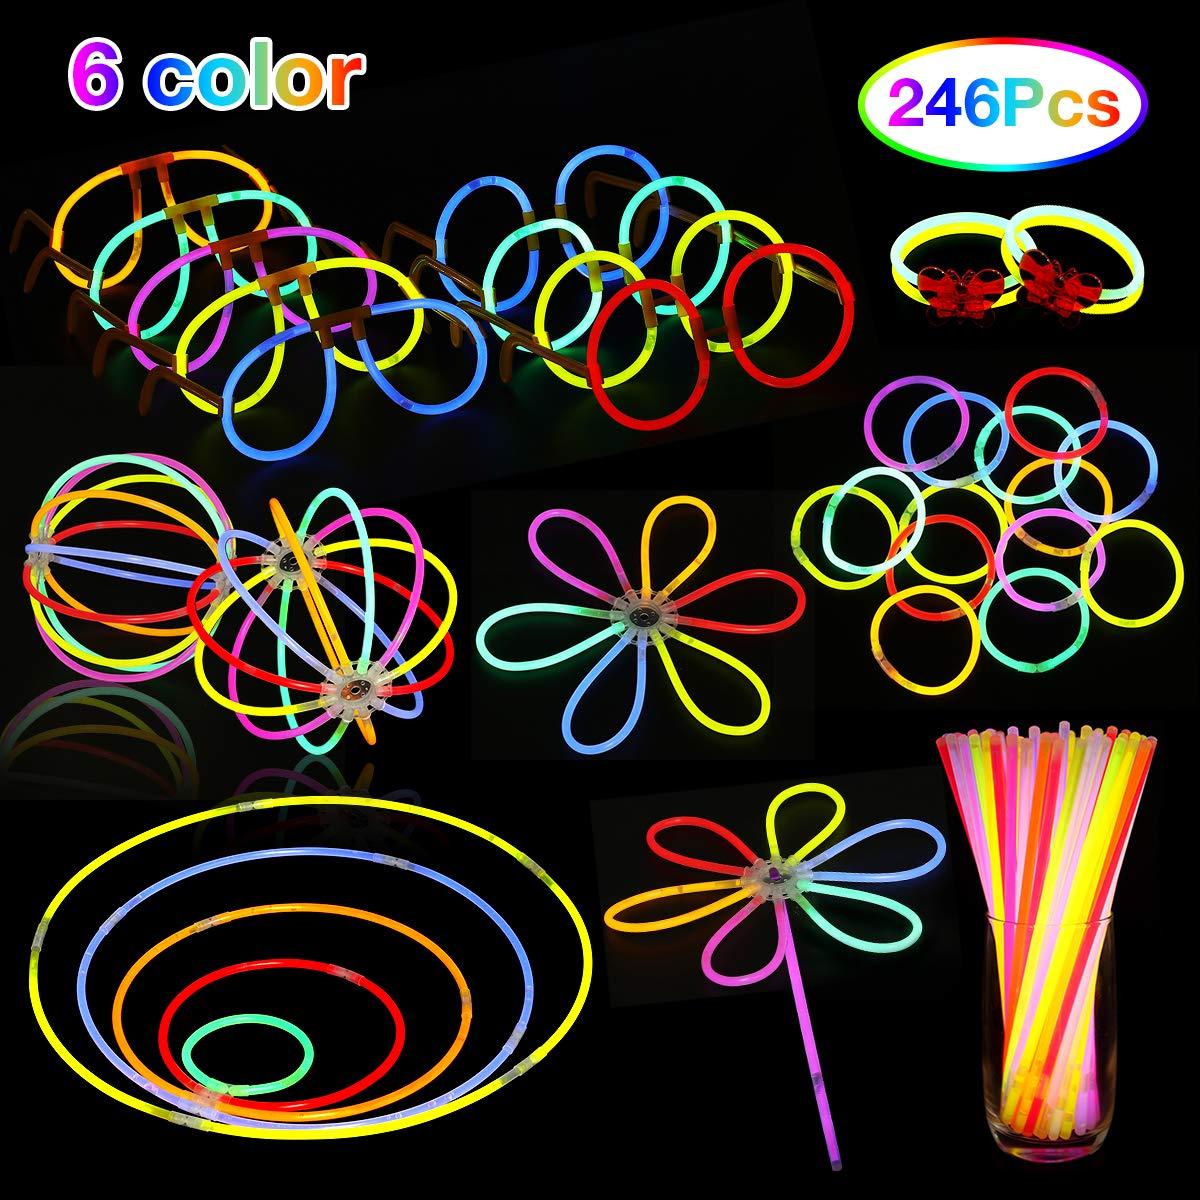 NASUM Knicklichter 100 Stücke Leuchtstäbe Armreifen, 6 Farbe mit 146pcs Zubehörteil Glowstick